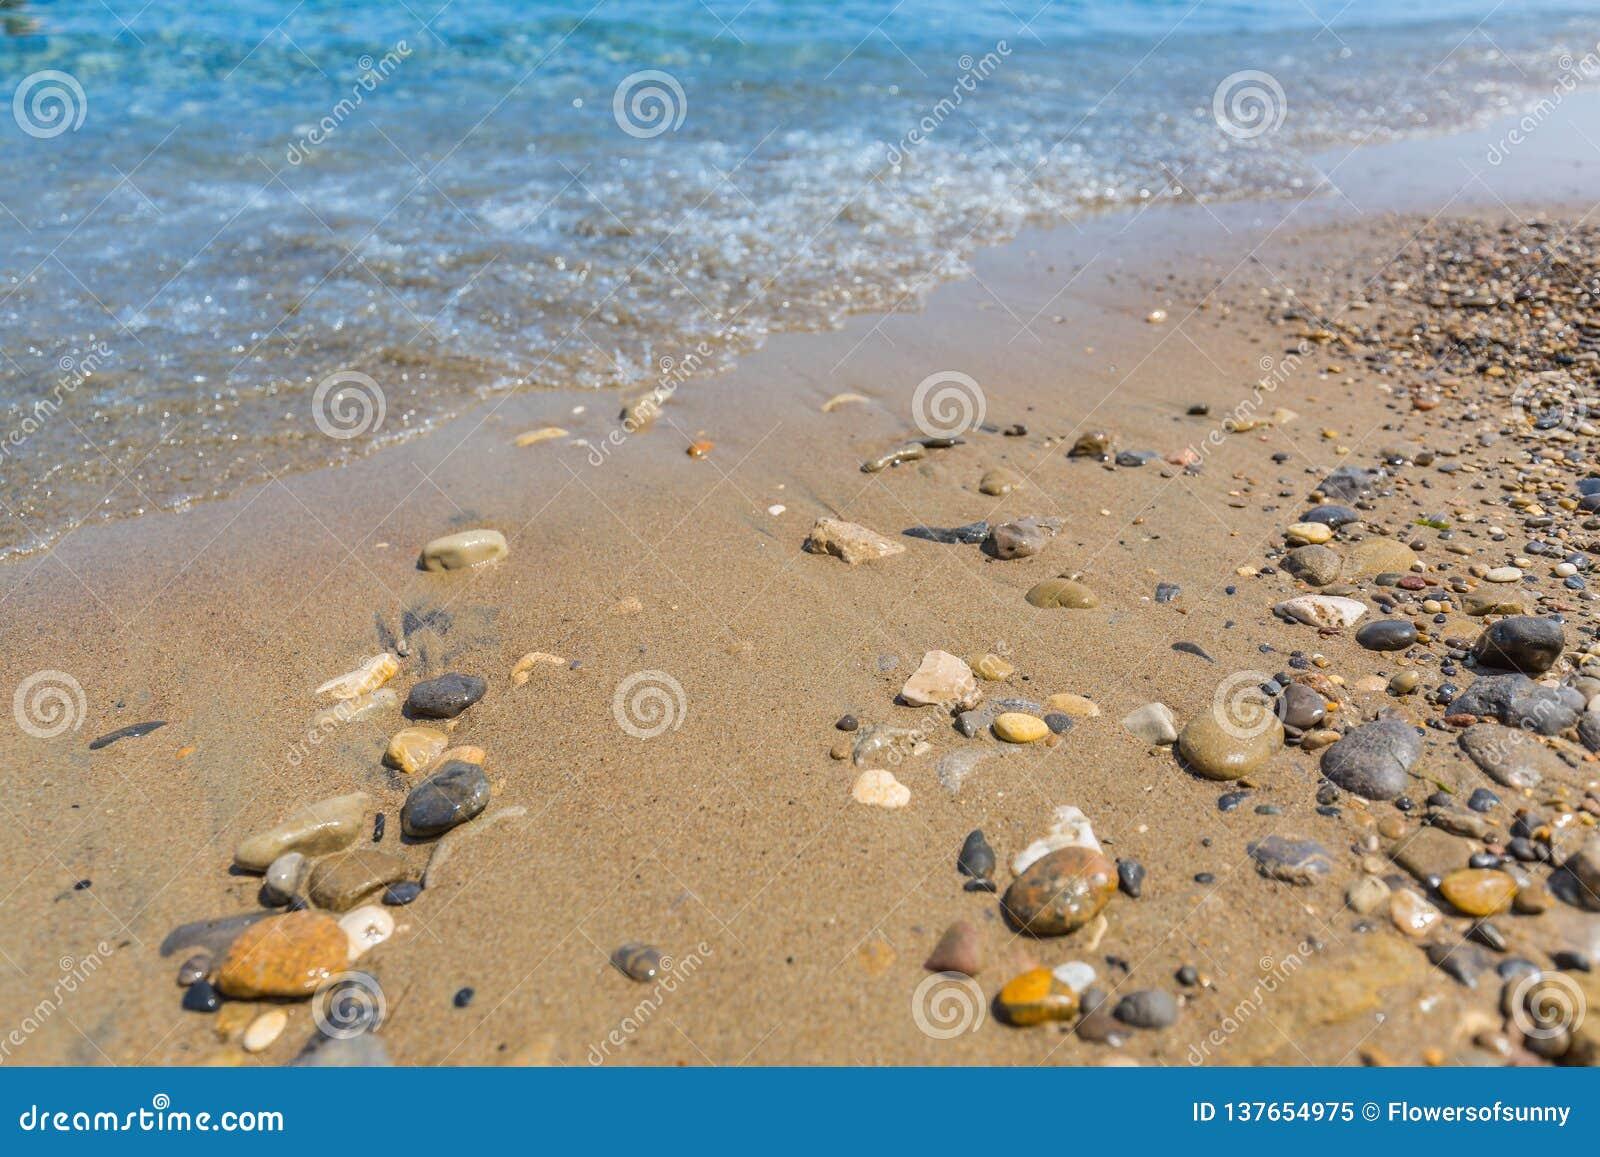 Escena de la playa, rocas y pequeñas ondas, paisaje tranquilo de la costa